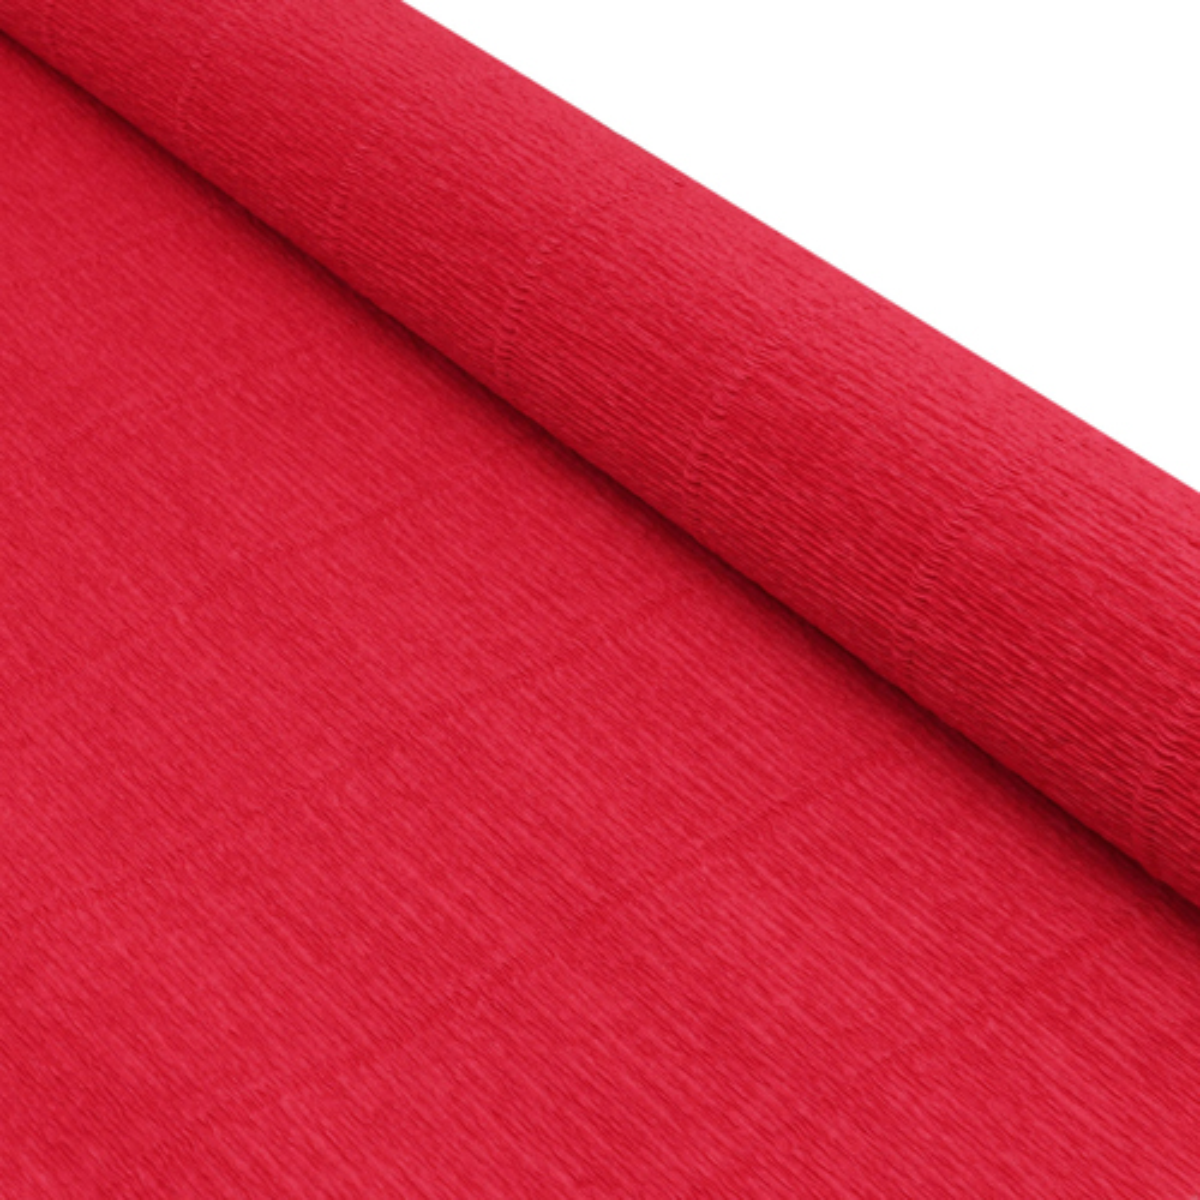 87500368 Бумага гофрированная простая, 50см*2,5м 180гр 17А/6 красный